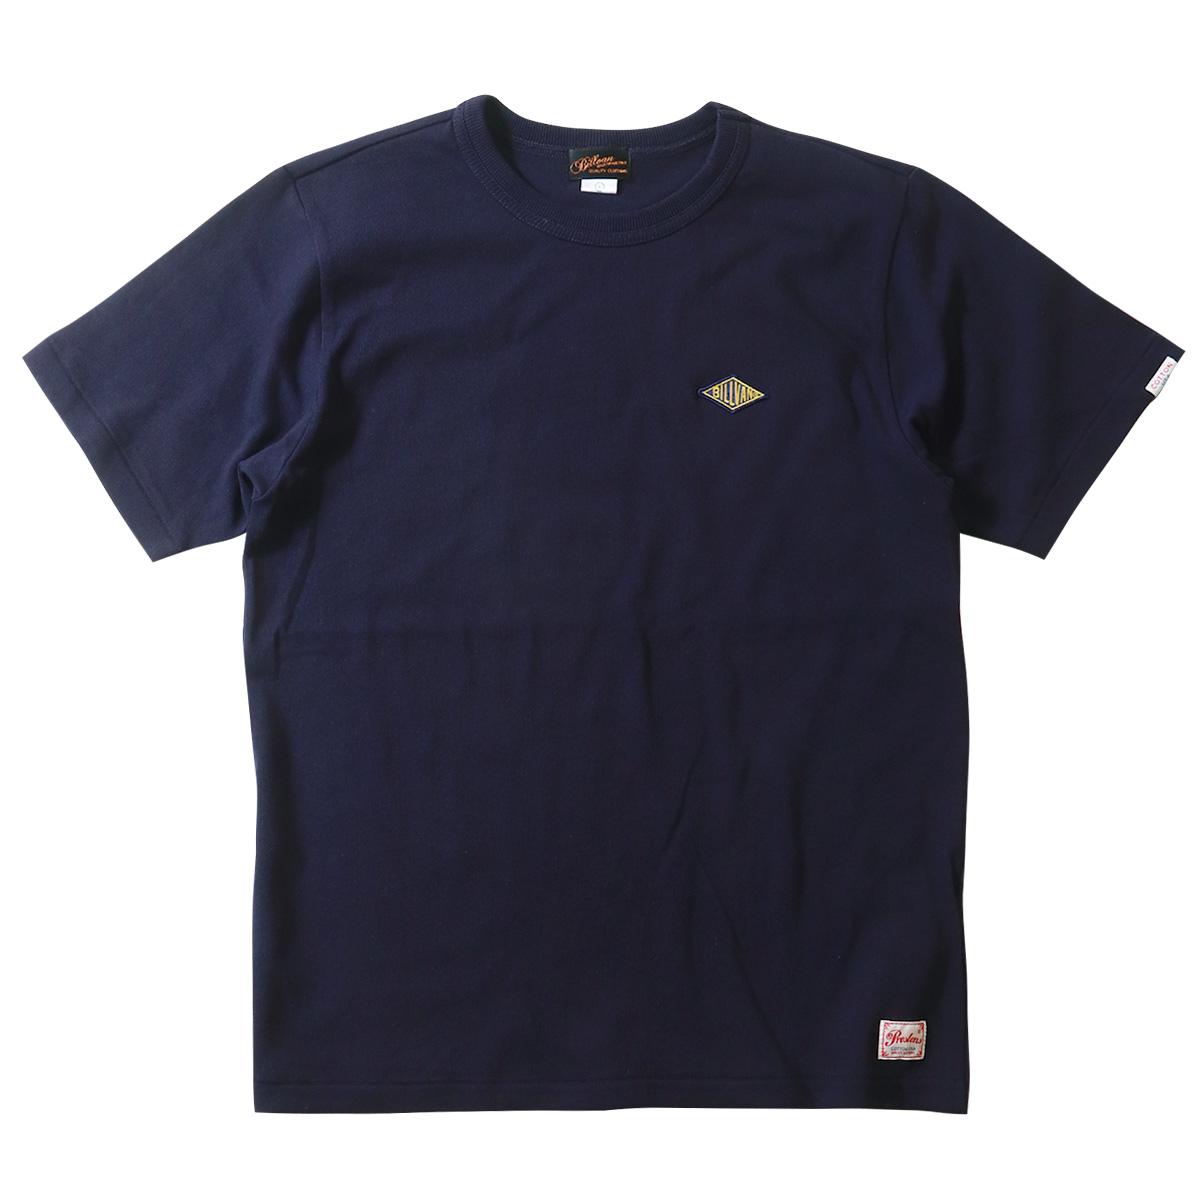 Tシャツ BILLVAN ワンポイントワッペン ヘビーTシャツ 190418b ビルバン メンズ